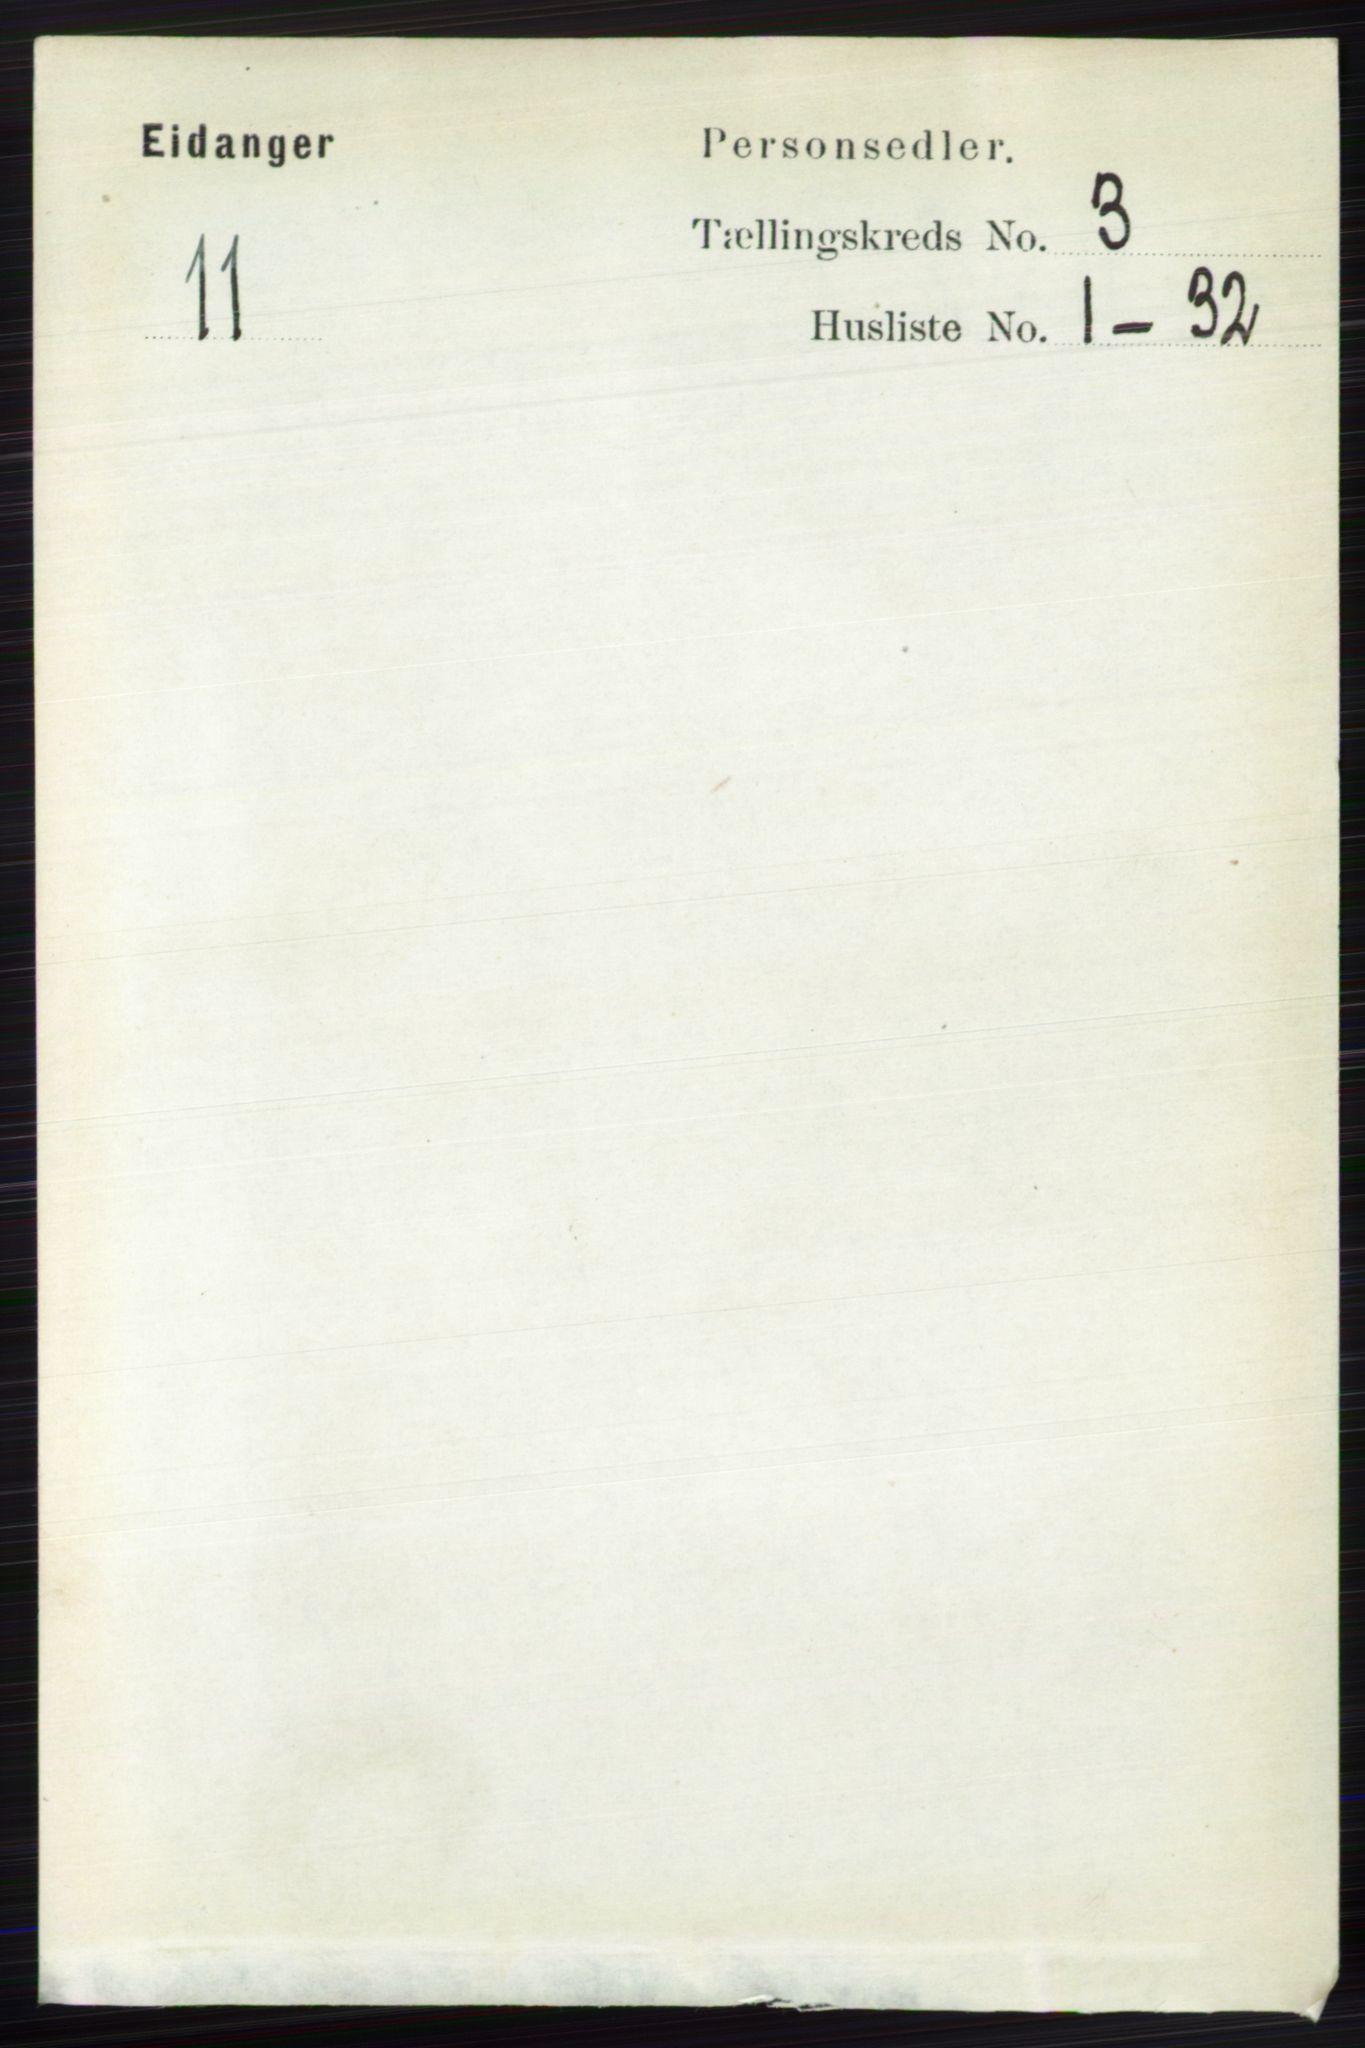 RA, Folketelling 1891 for 0813 Eidanger herred, 1891, s. 1526